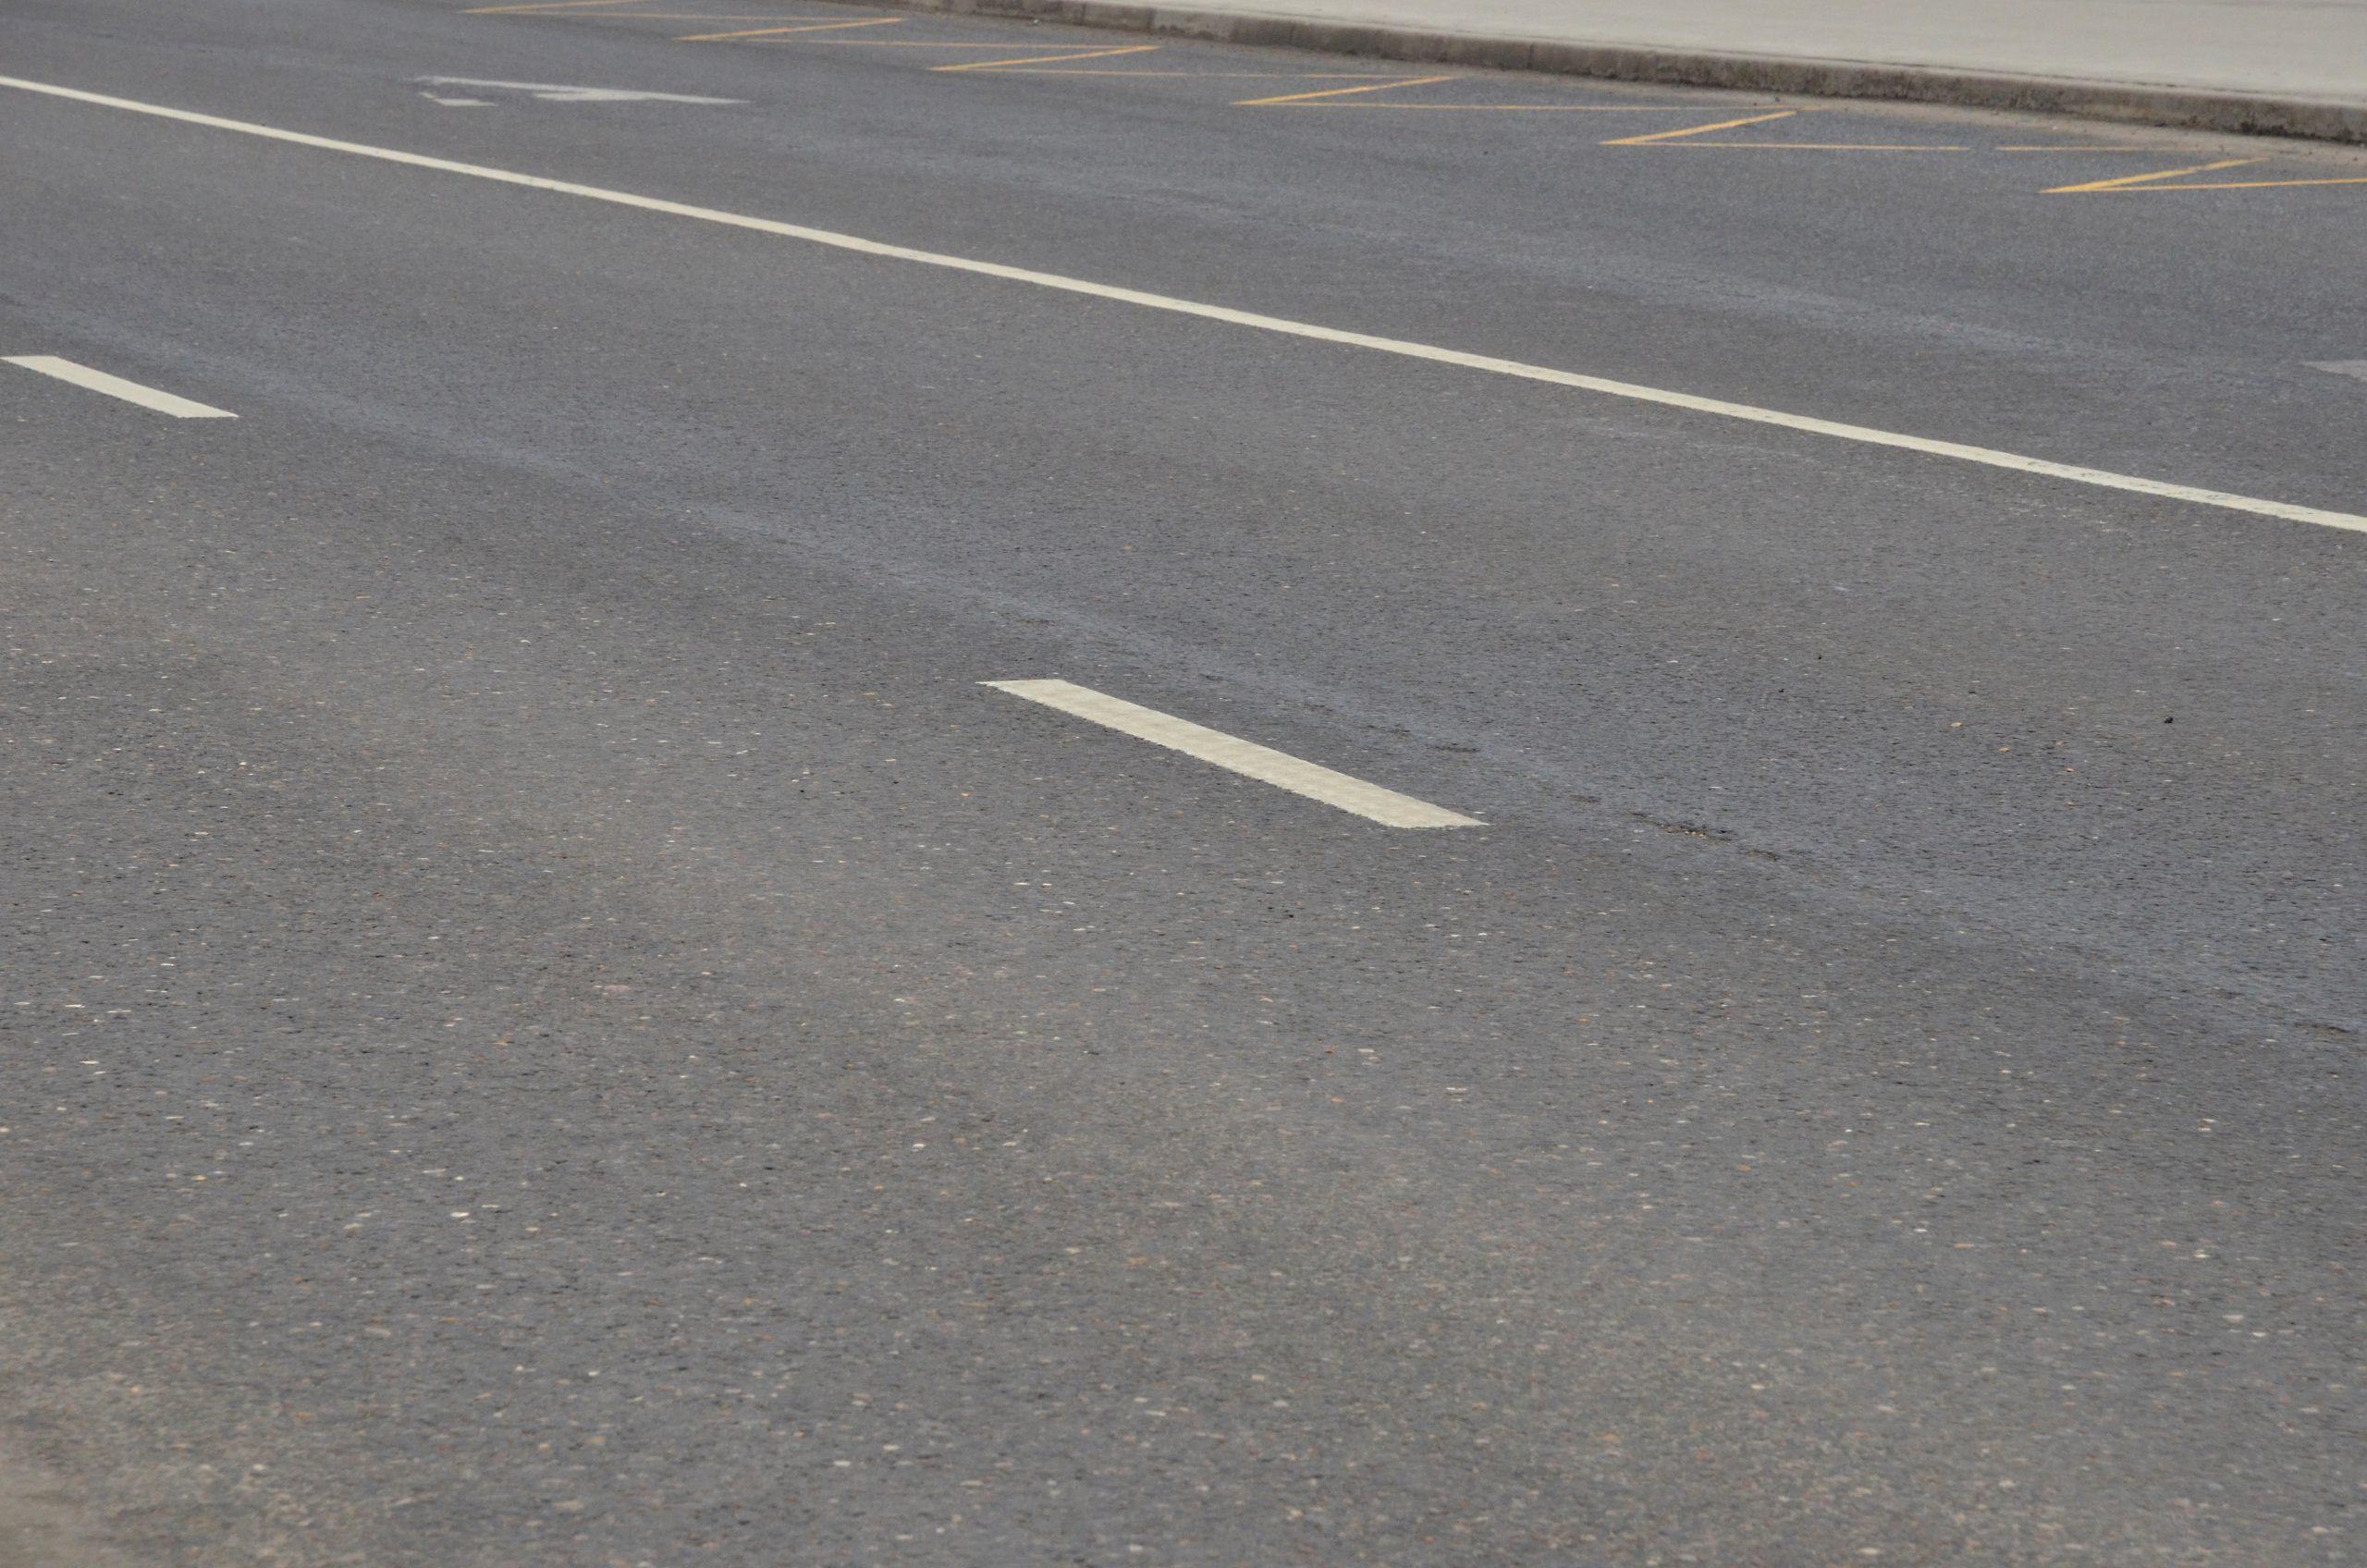 Недвижимость рядом с Центральной кольцевой автомобильной дорогой отведут под создание новых рабочих мест